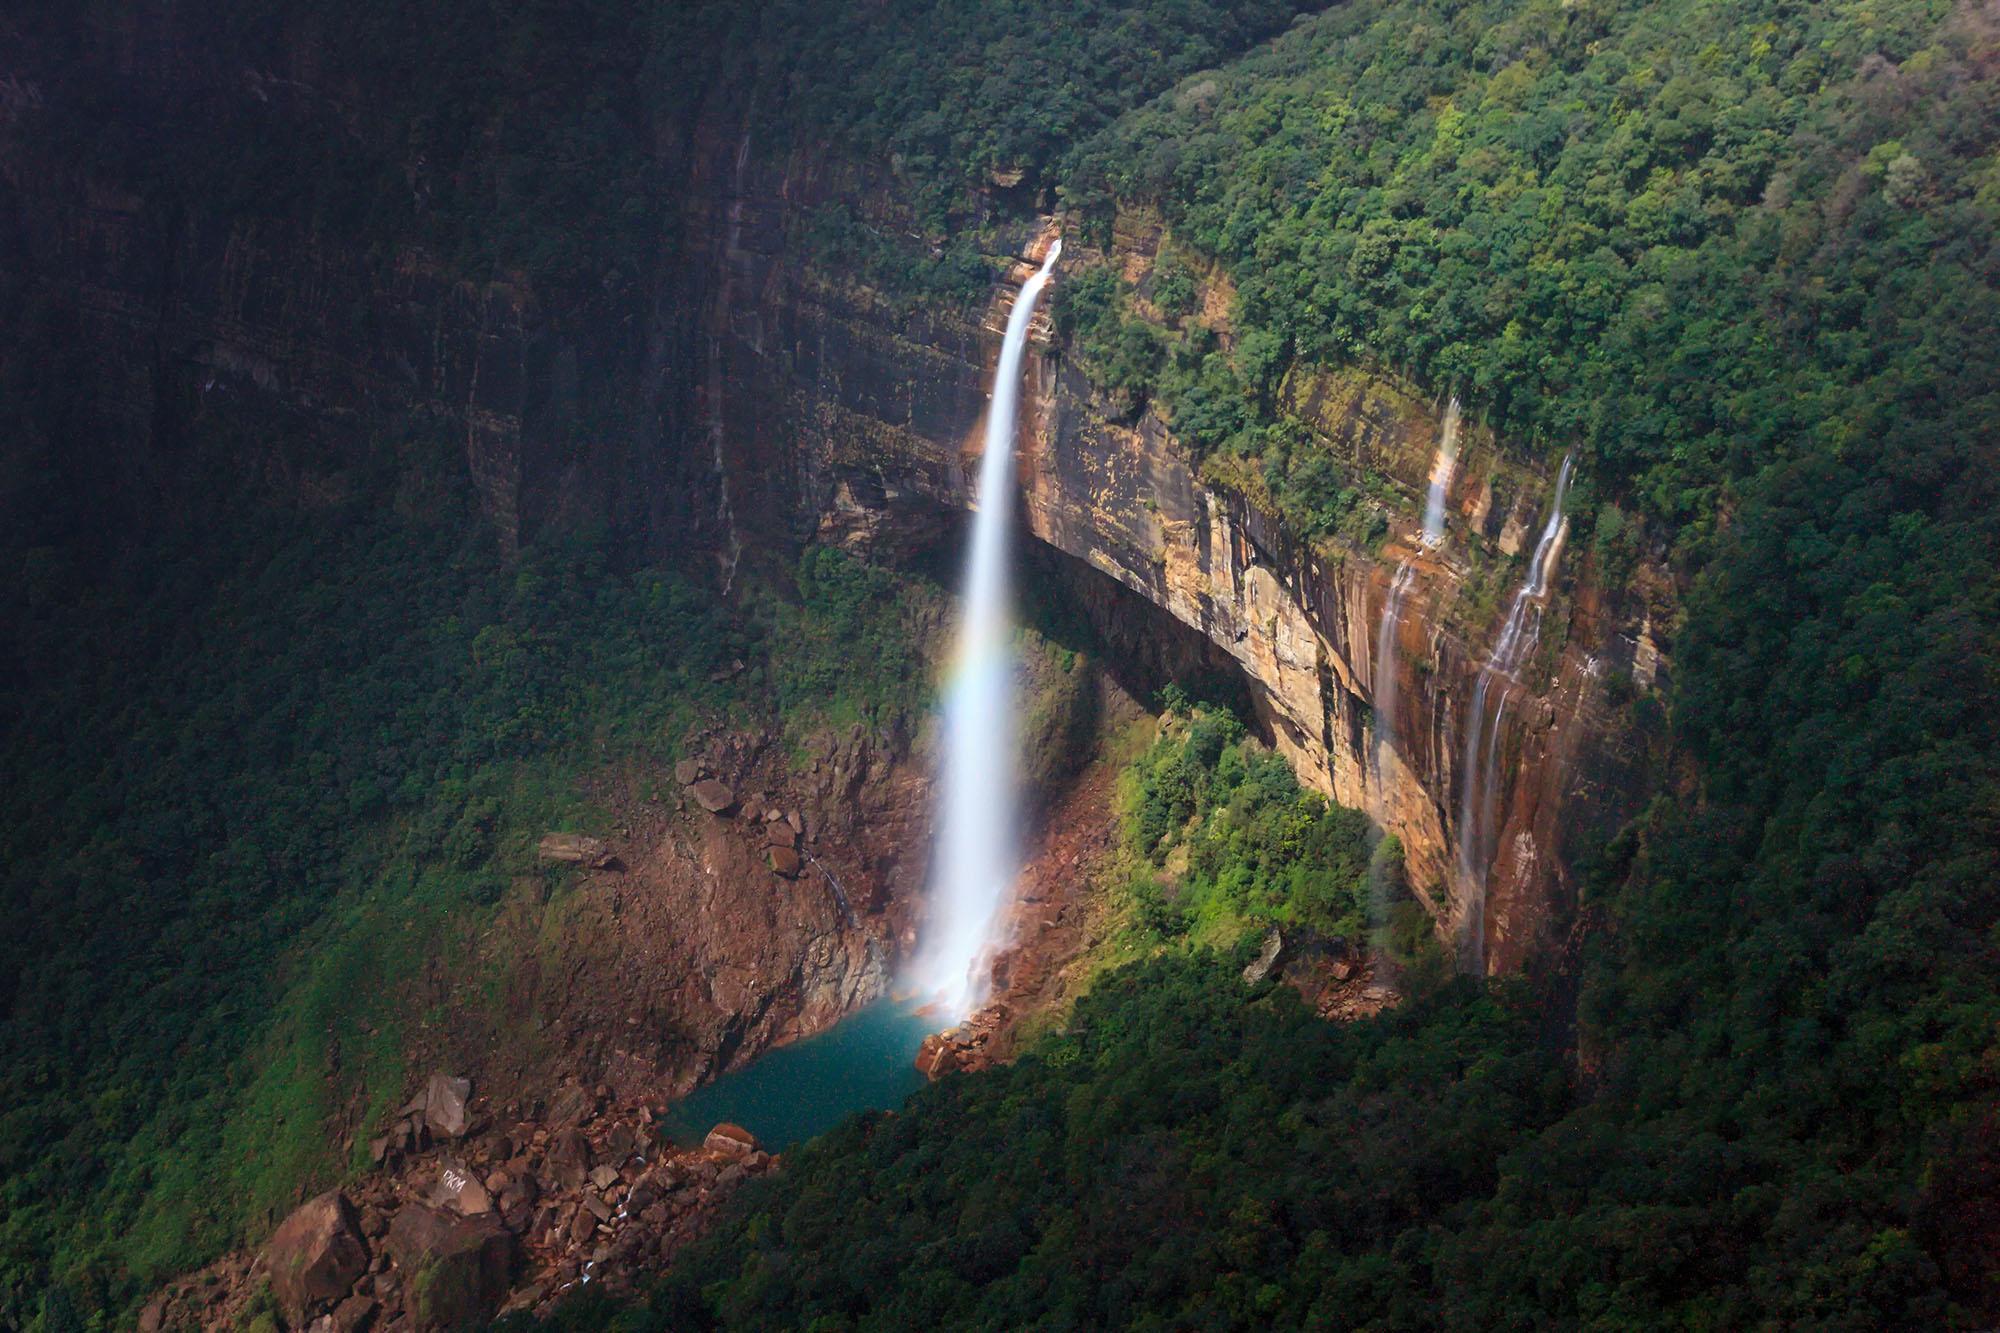 Nohkalikai Falls, Cherrapunjee, Meghalaya, India